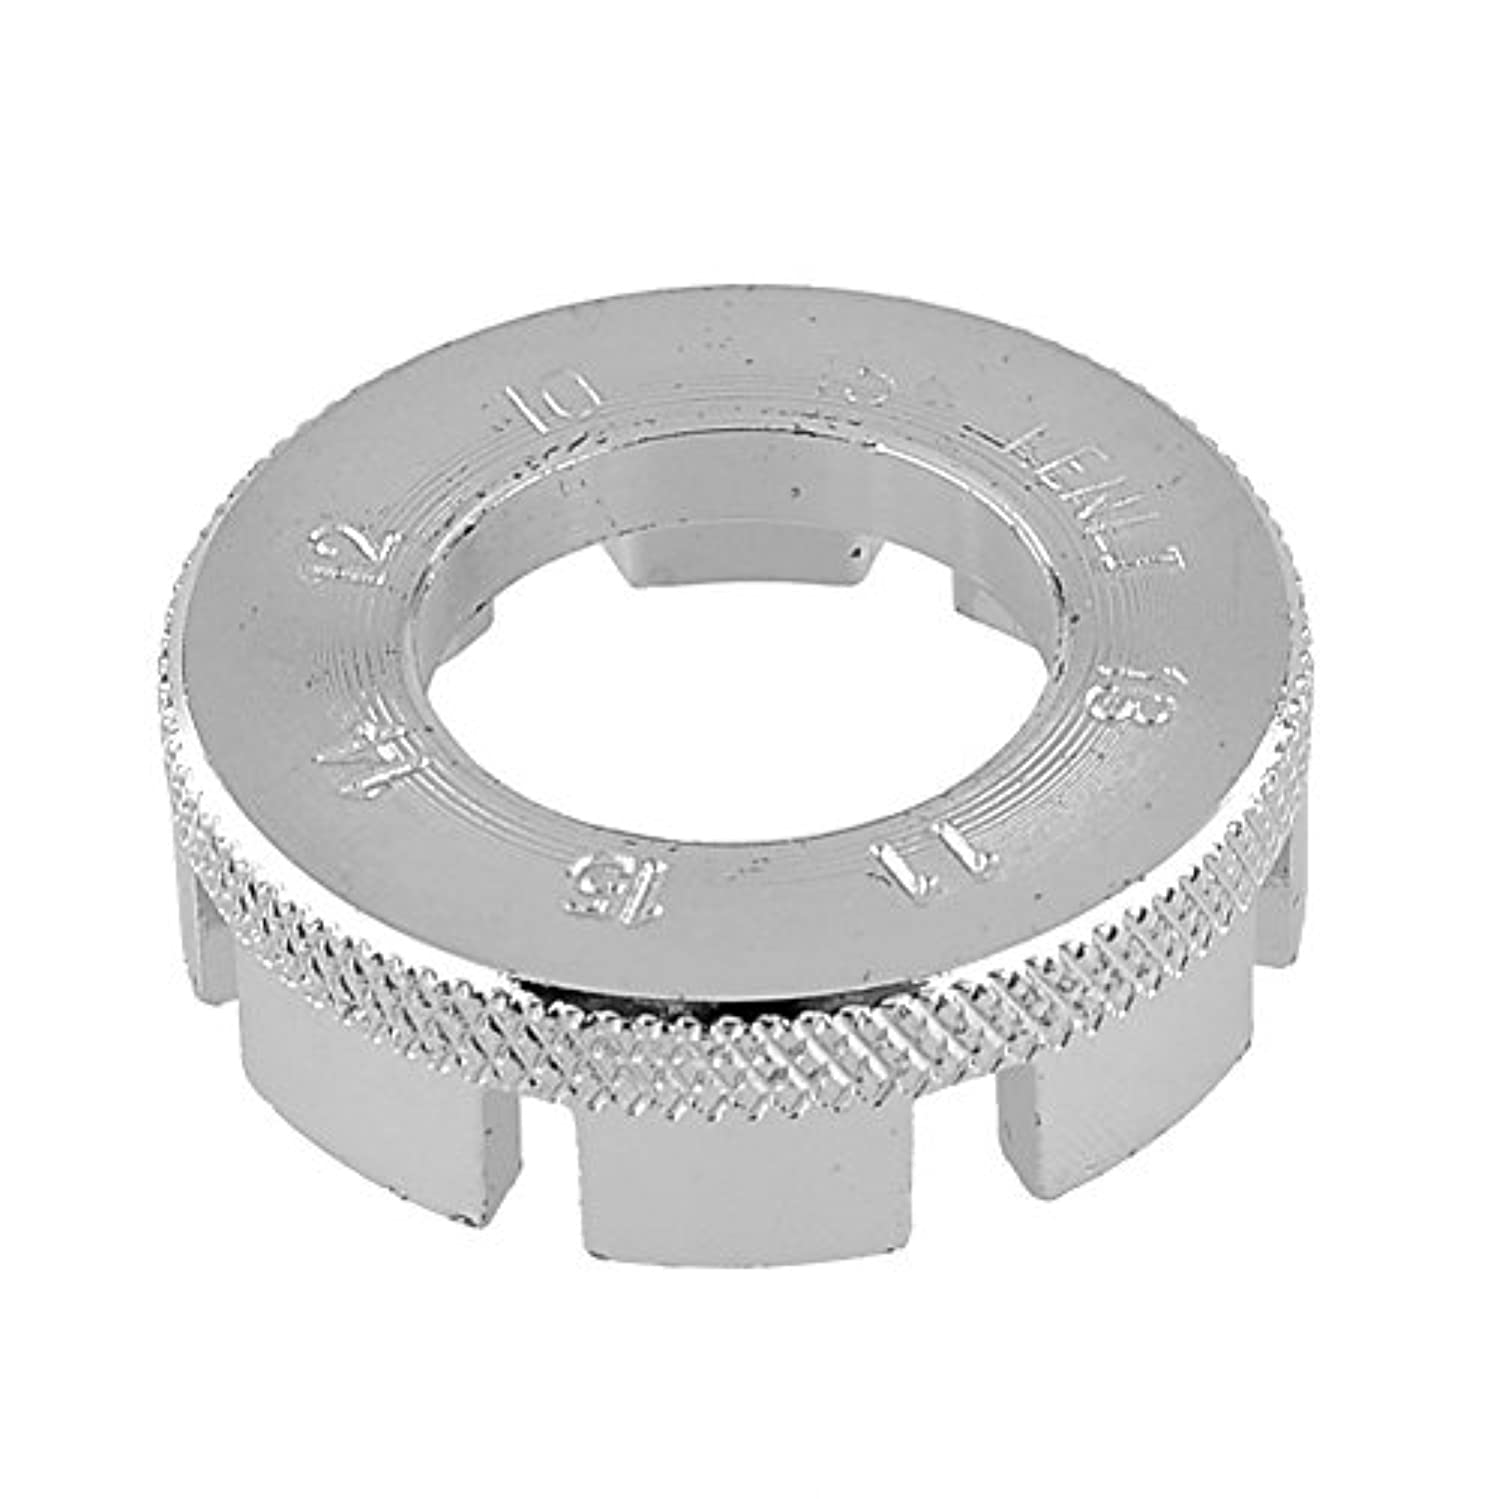 報奨金暴徒対立Propenary - 8 Groove Spoke Wheel Rim Wrench Spanner Repair Tools For Mountain Bicycle Fix Tool Adjuster Set Kit...